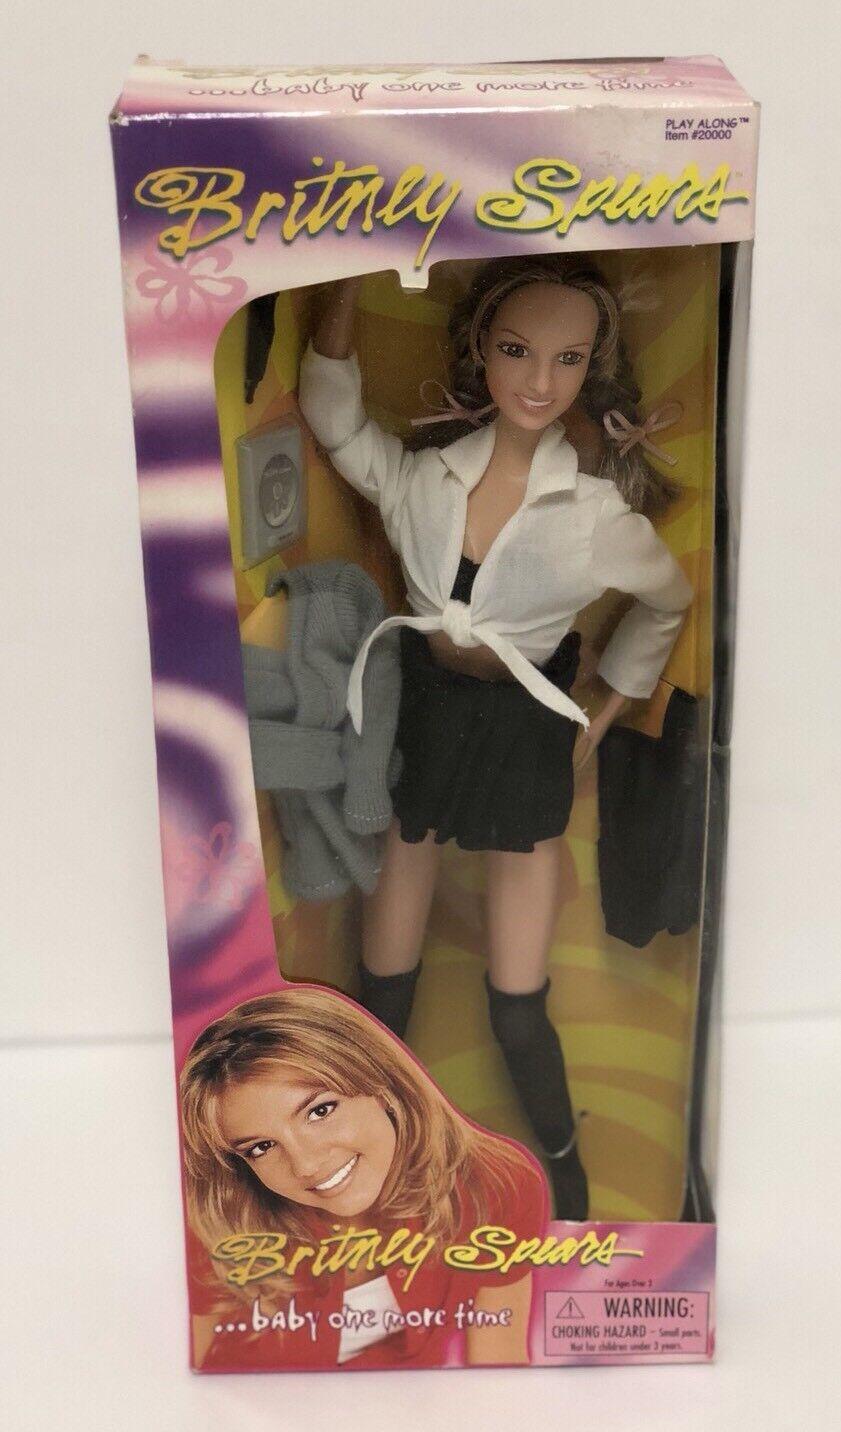 Nuevo 1999 Britney Spears bebé una vez más  que me Crazy  Muñeca de unidad